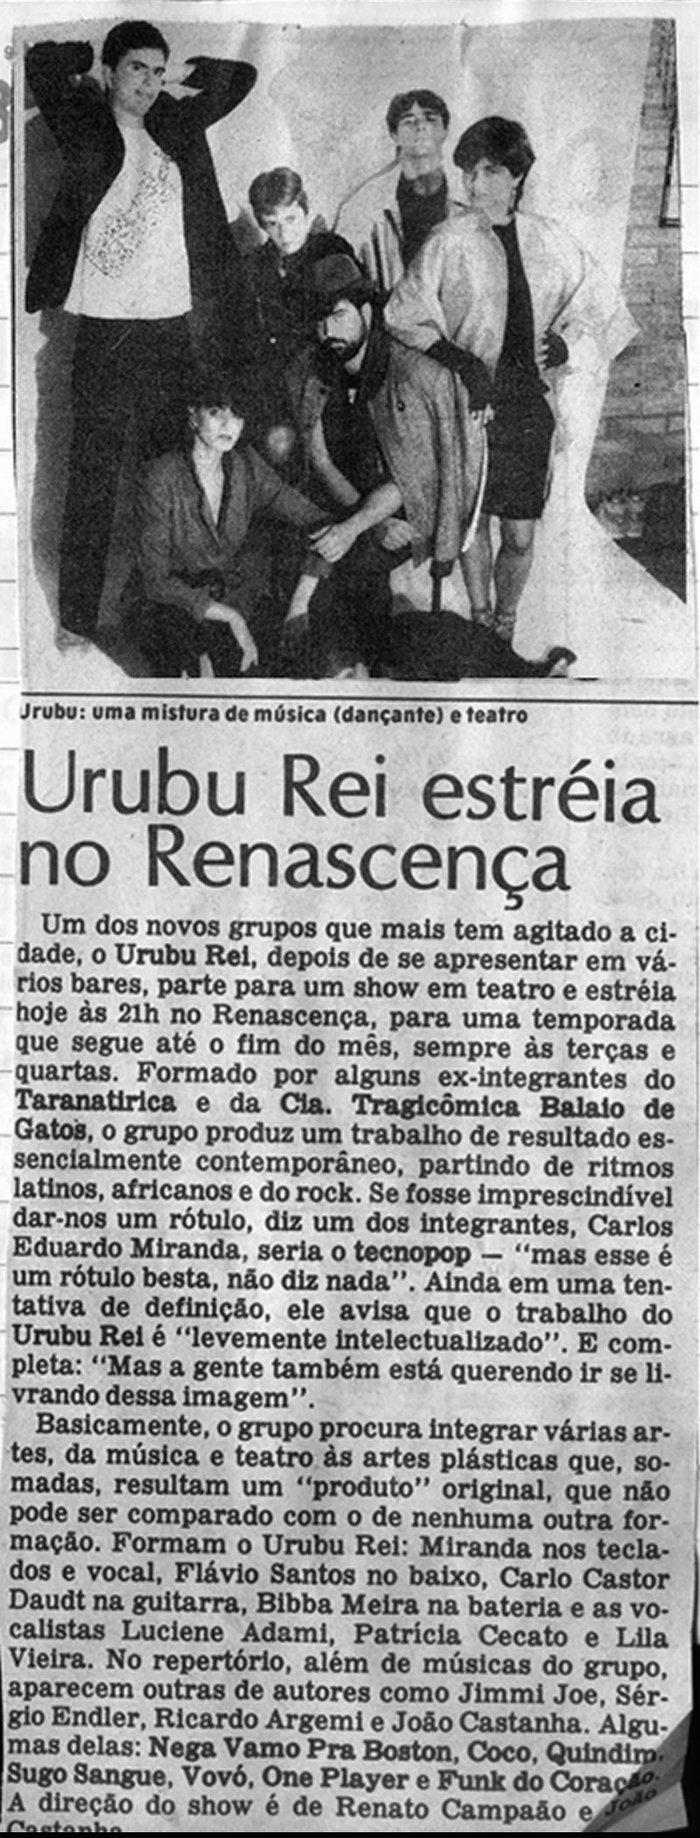 [PRESS] Urubu Rei estreia no Renascença